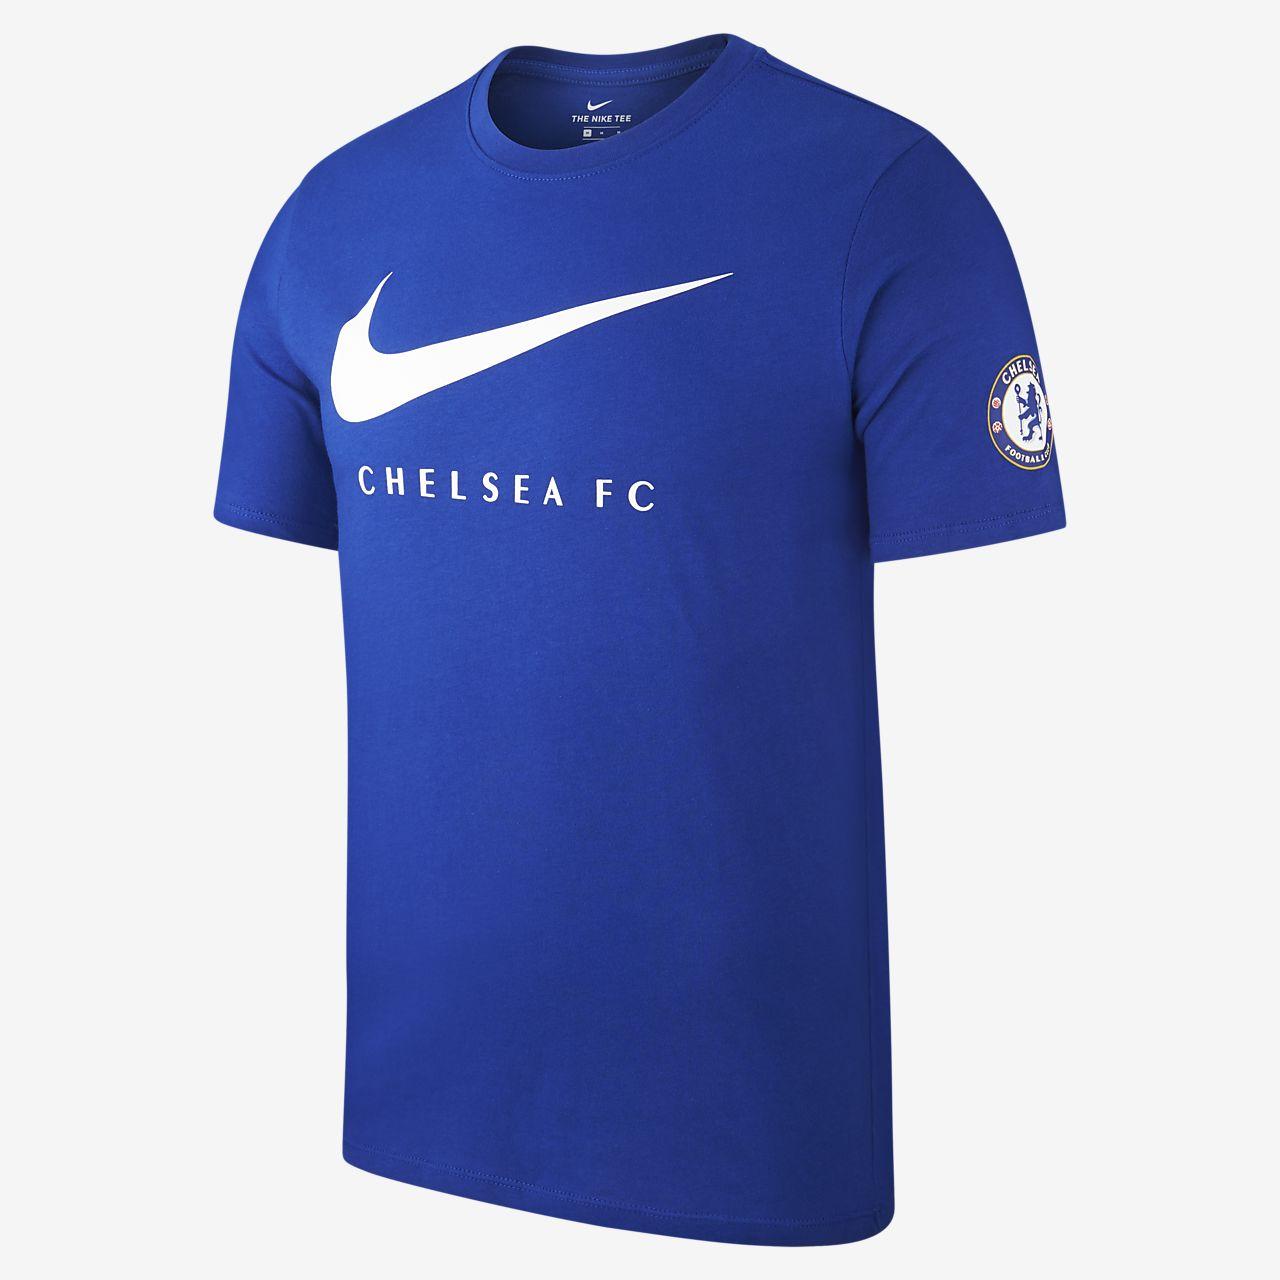 เสื้อยืดผู้ชาย Chelsea FC